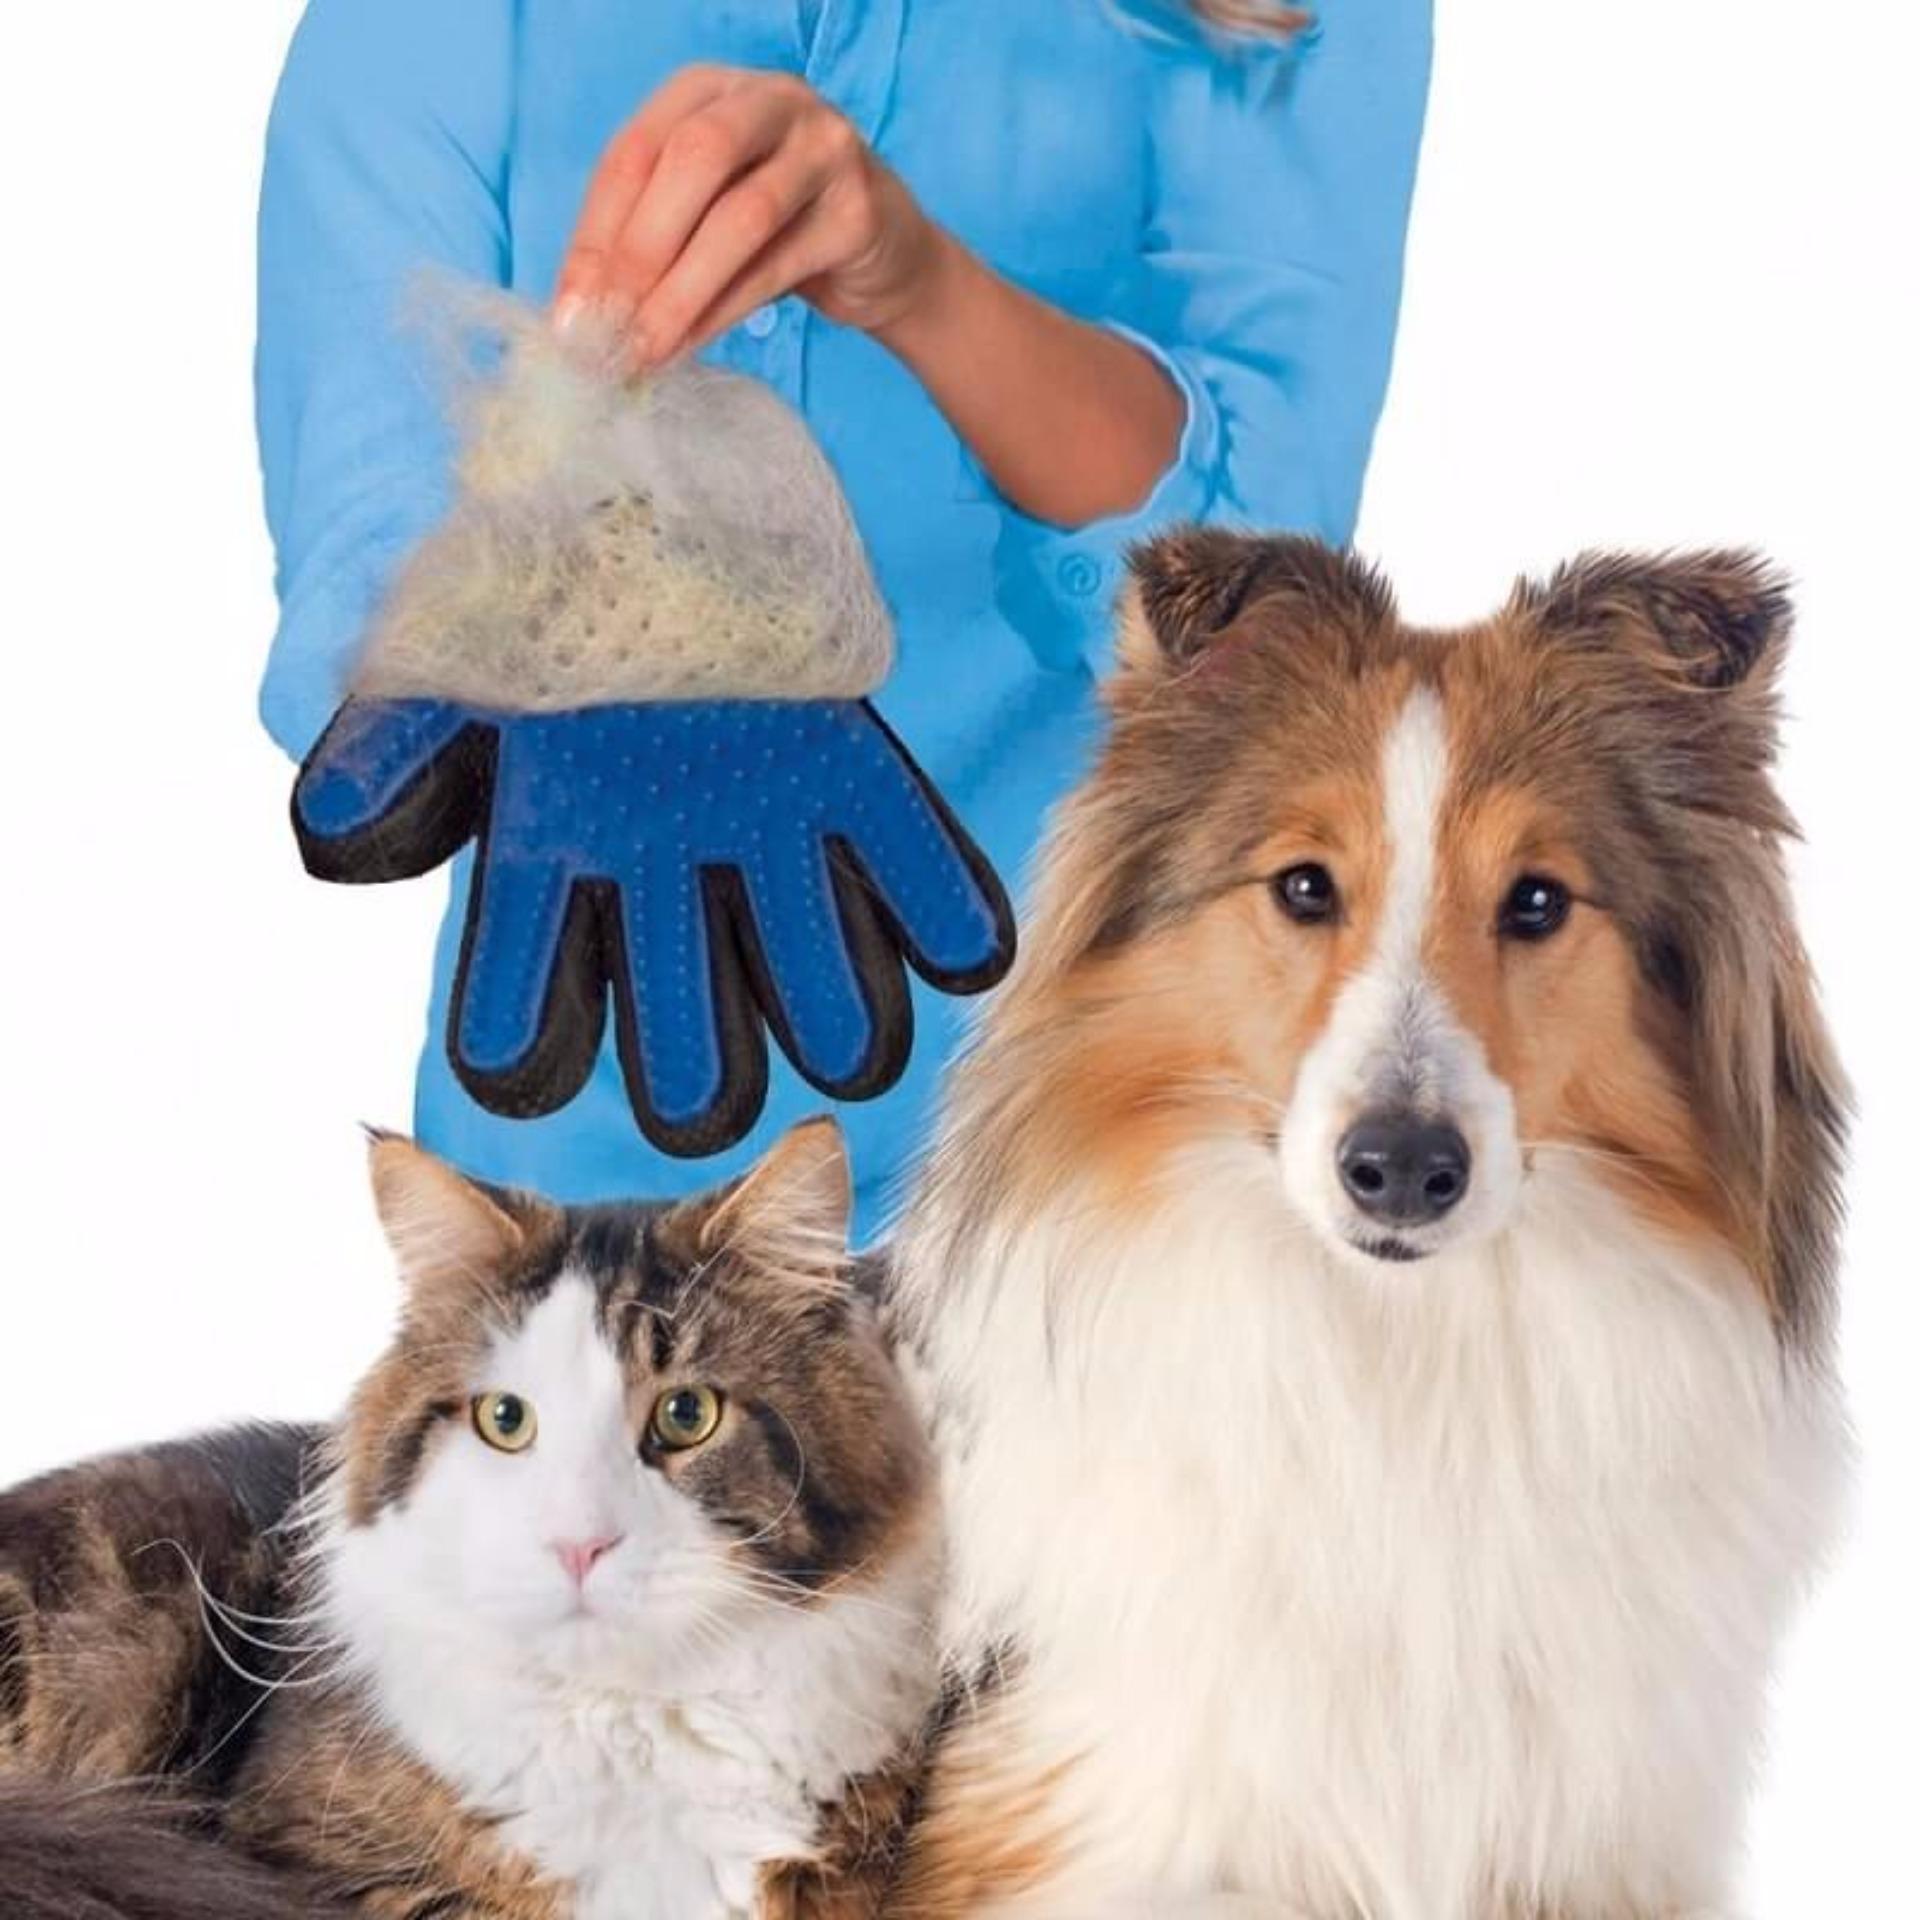 Đánh Giá Găng tay chải lông thú cưng